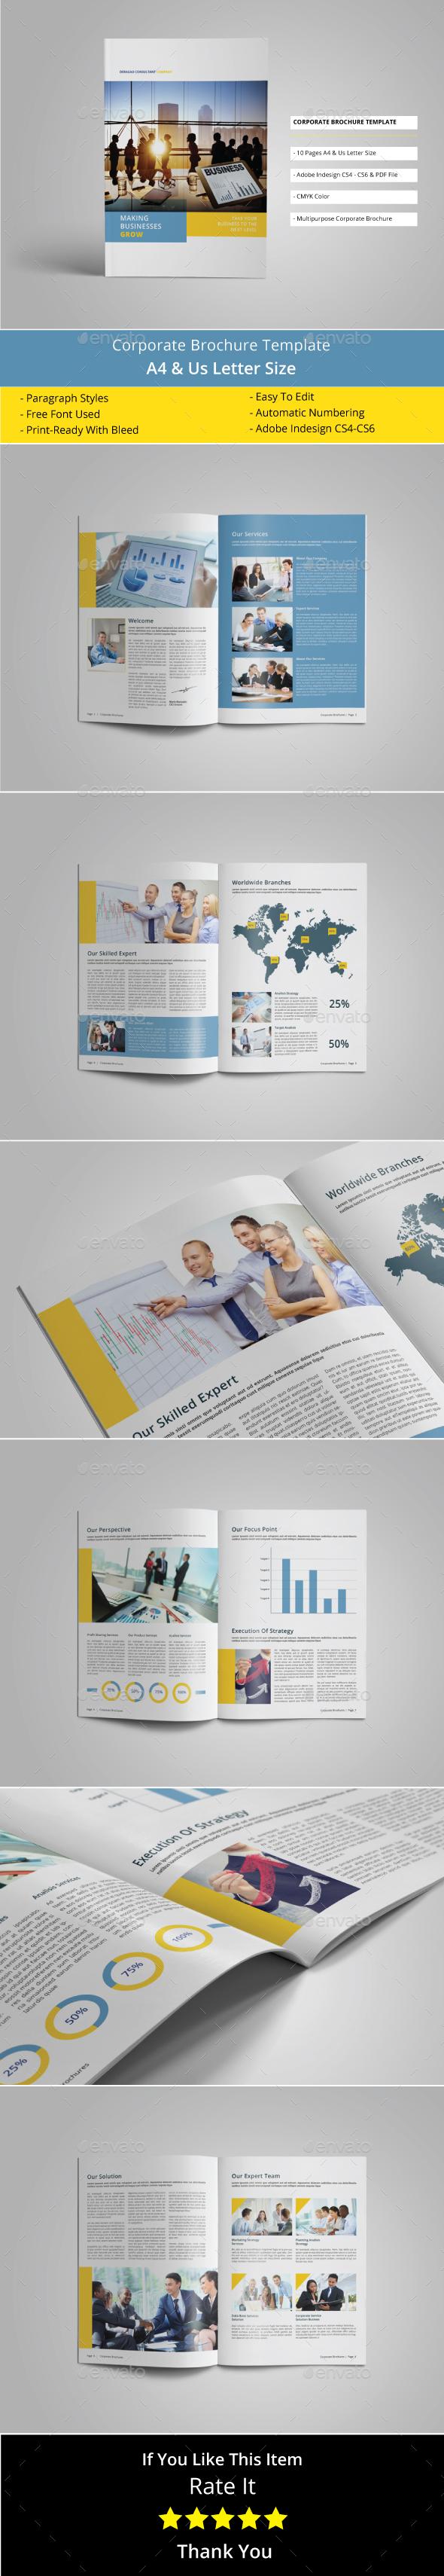 Multipurpose Corporate Brohure Template - Corporate Brochures